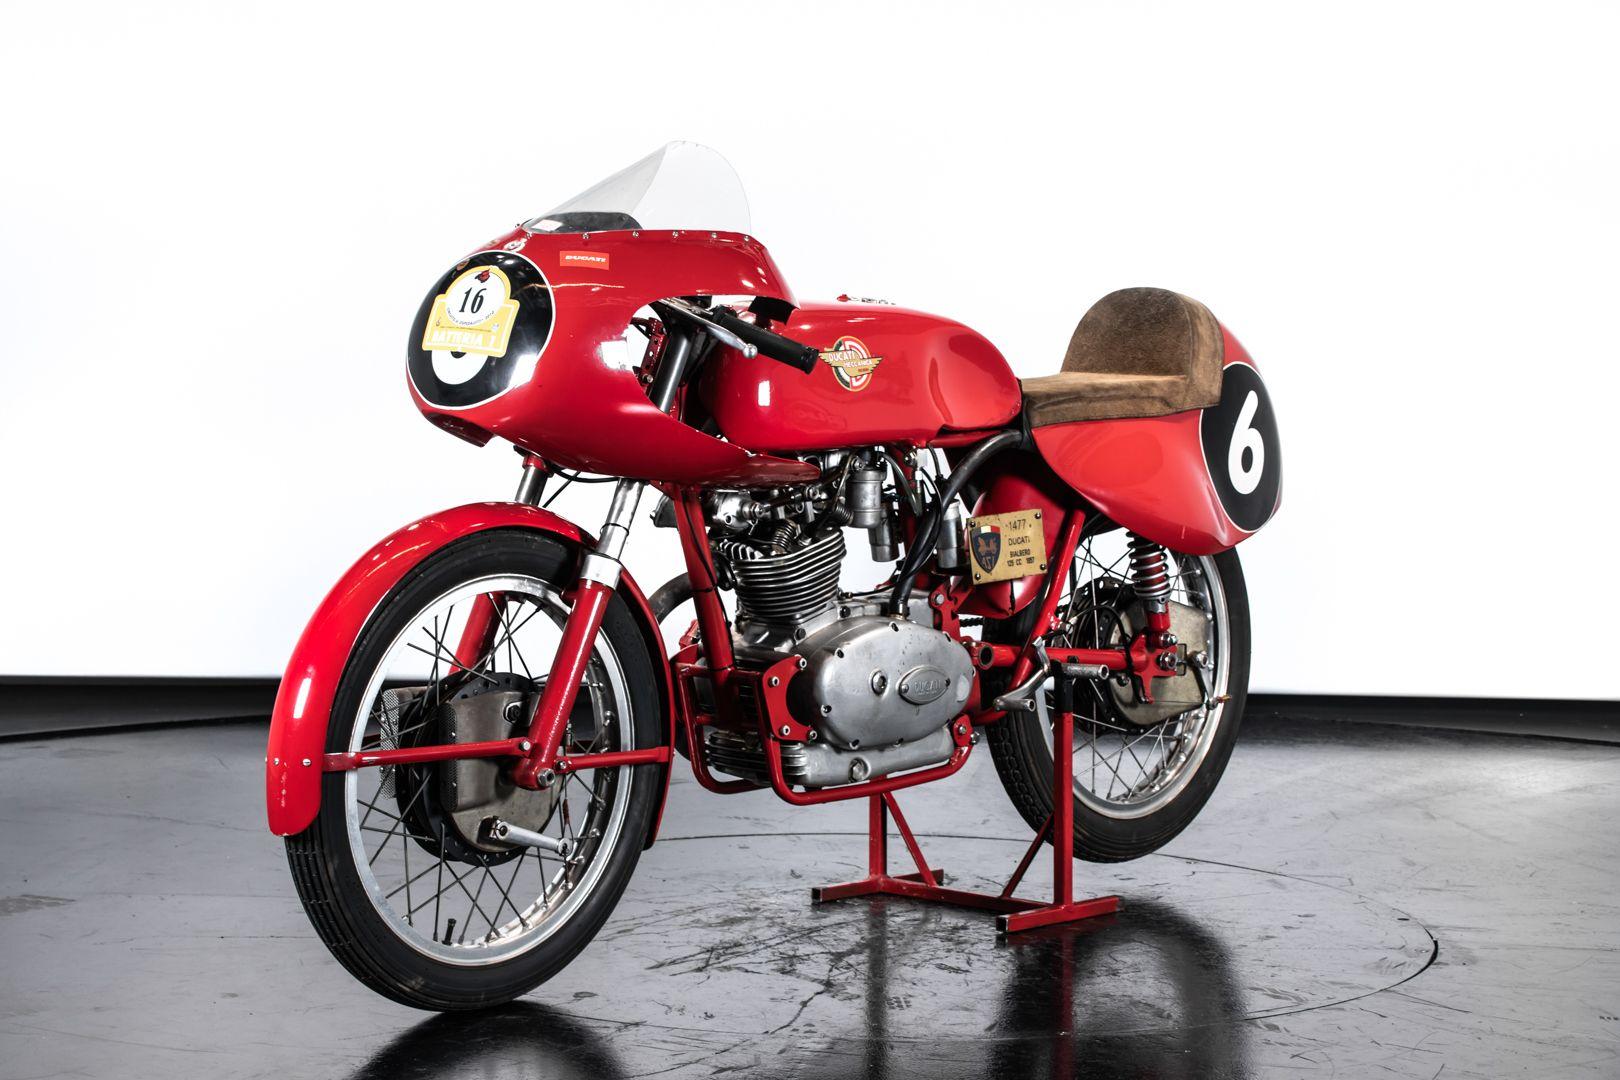 1957 Ducati 125 Bialbero Corsa 77171